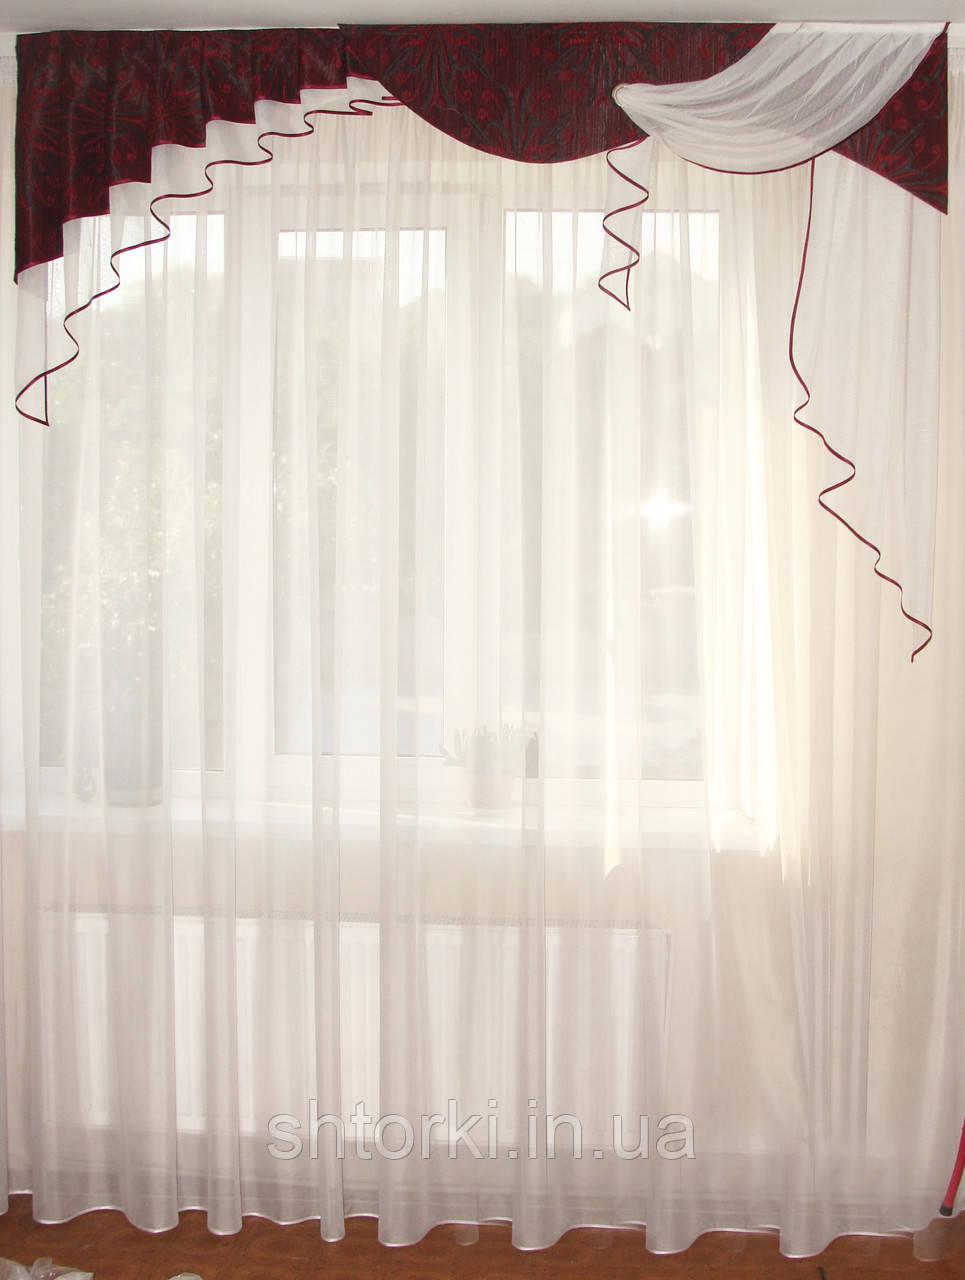 Жесткий ламбрекен  2м Люкс бордо с черным